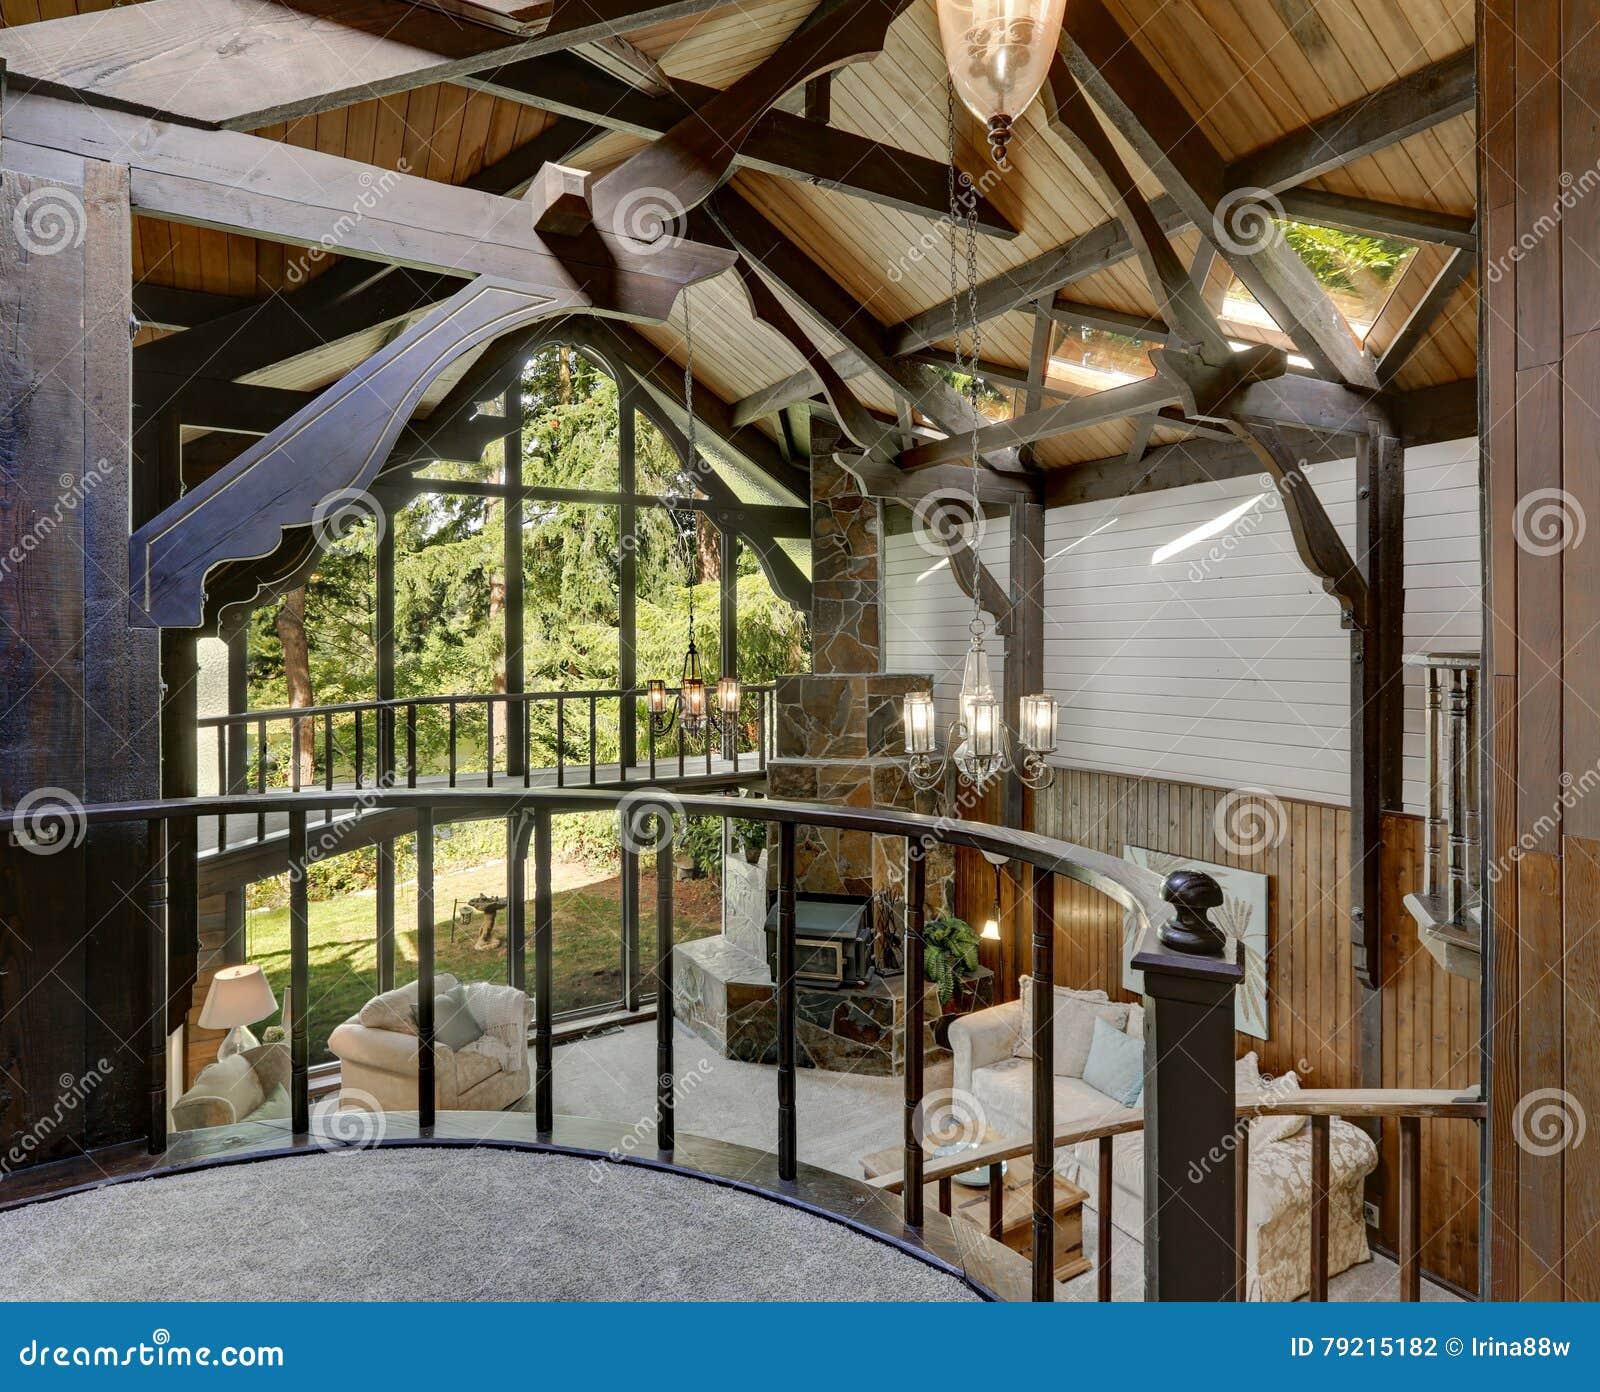 Interieur En Bois Moderne De Maison De Cottage Avec Le Salon Photo